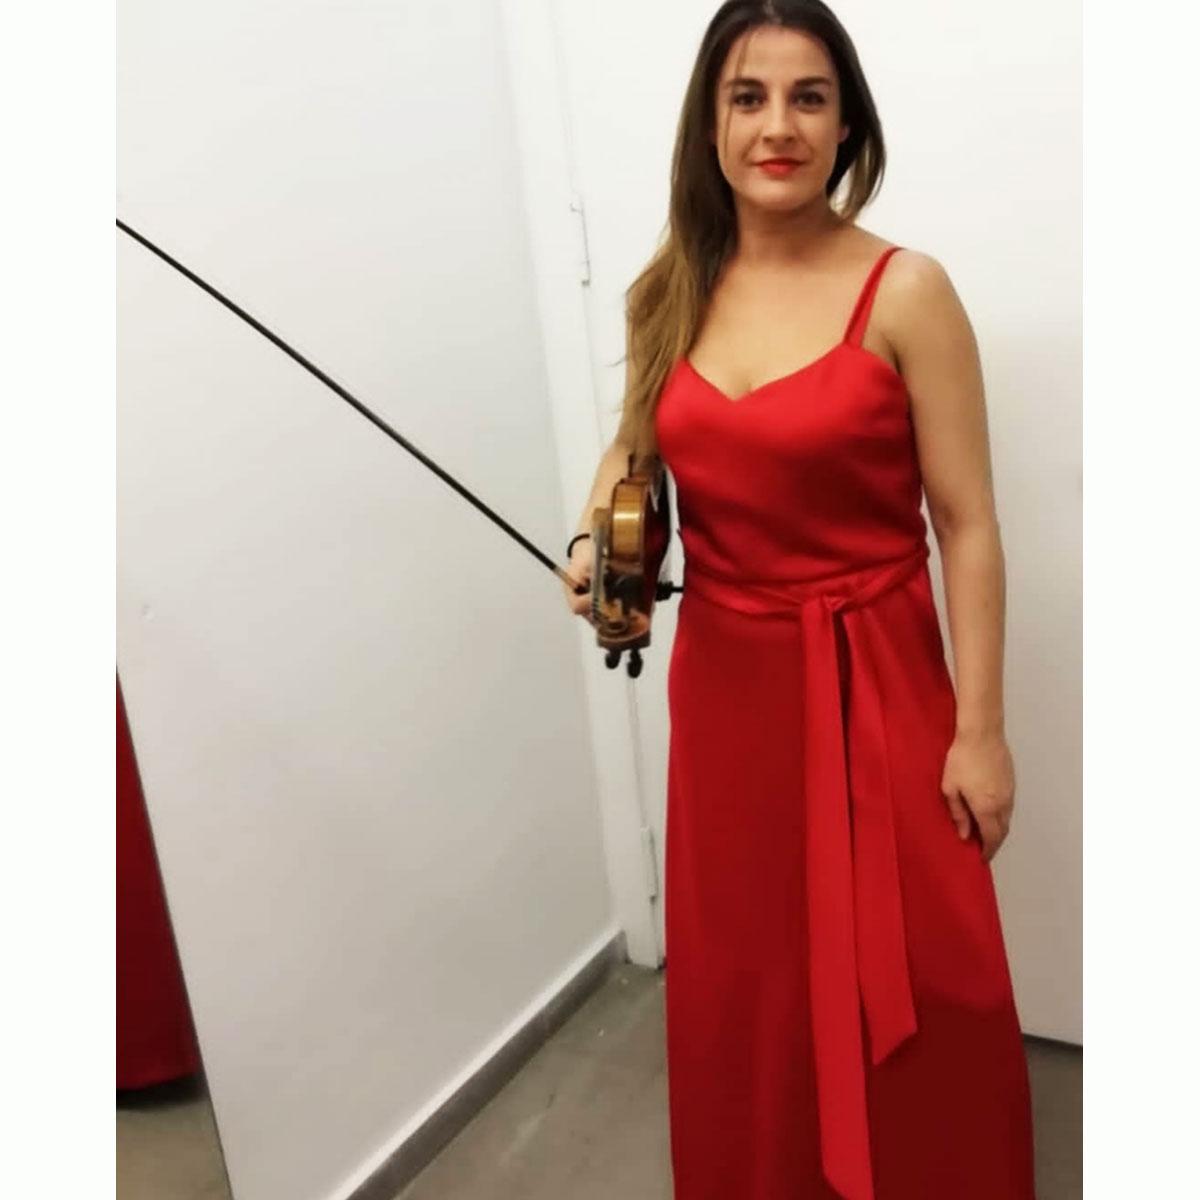 IRIA SAAVEDRA